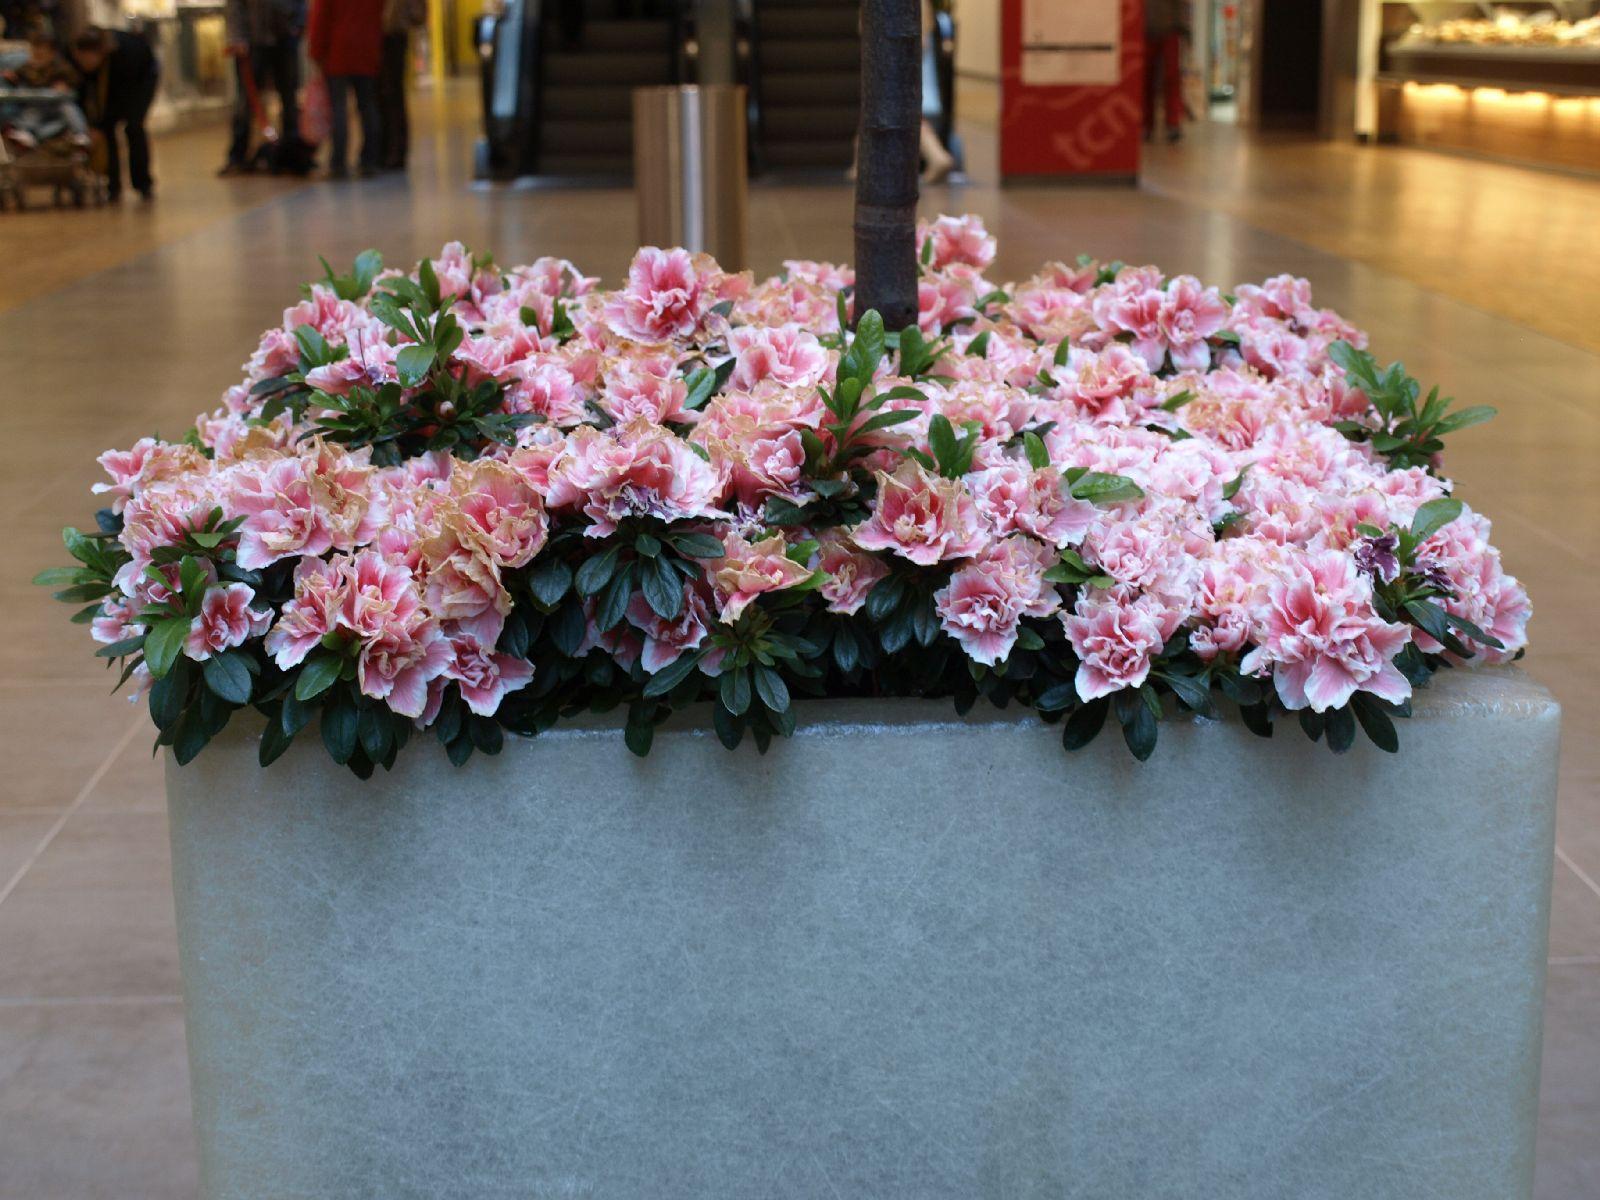 Pflanzen-Blumen-Foto_Textur_B_P4282866